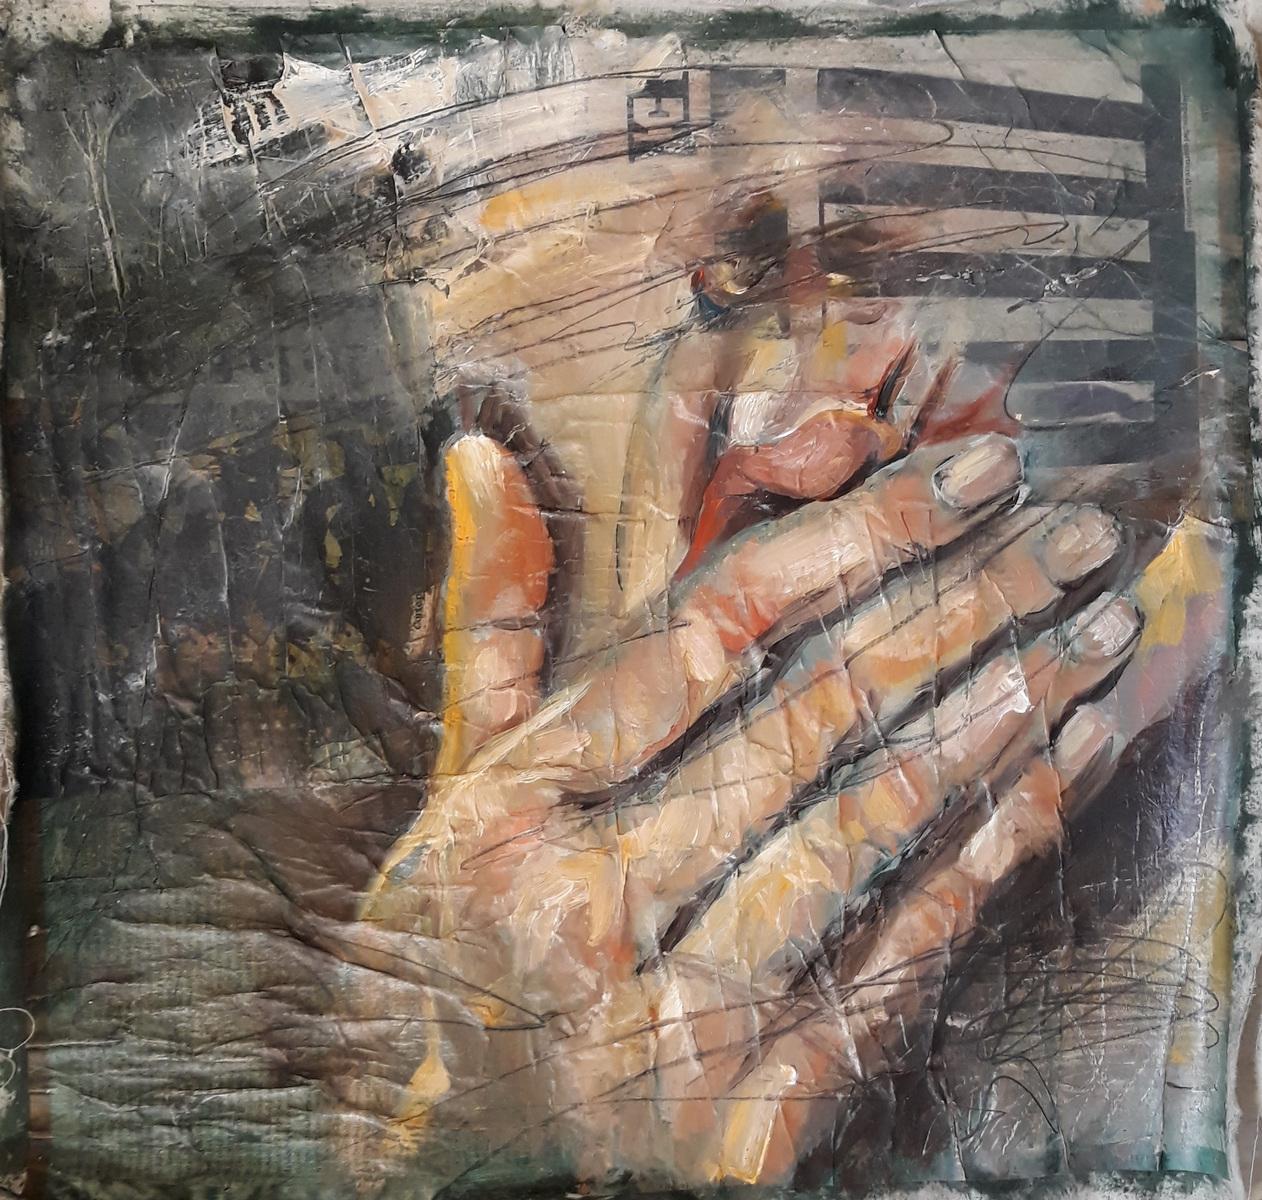 Martina Dalla Stella - Frammenti, olio su carta di giornale su tela, 43x54 cm, 2020